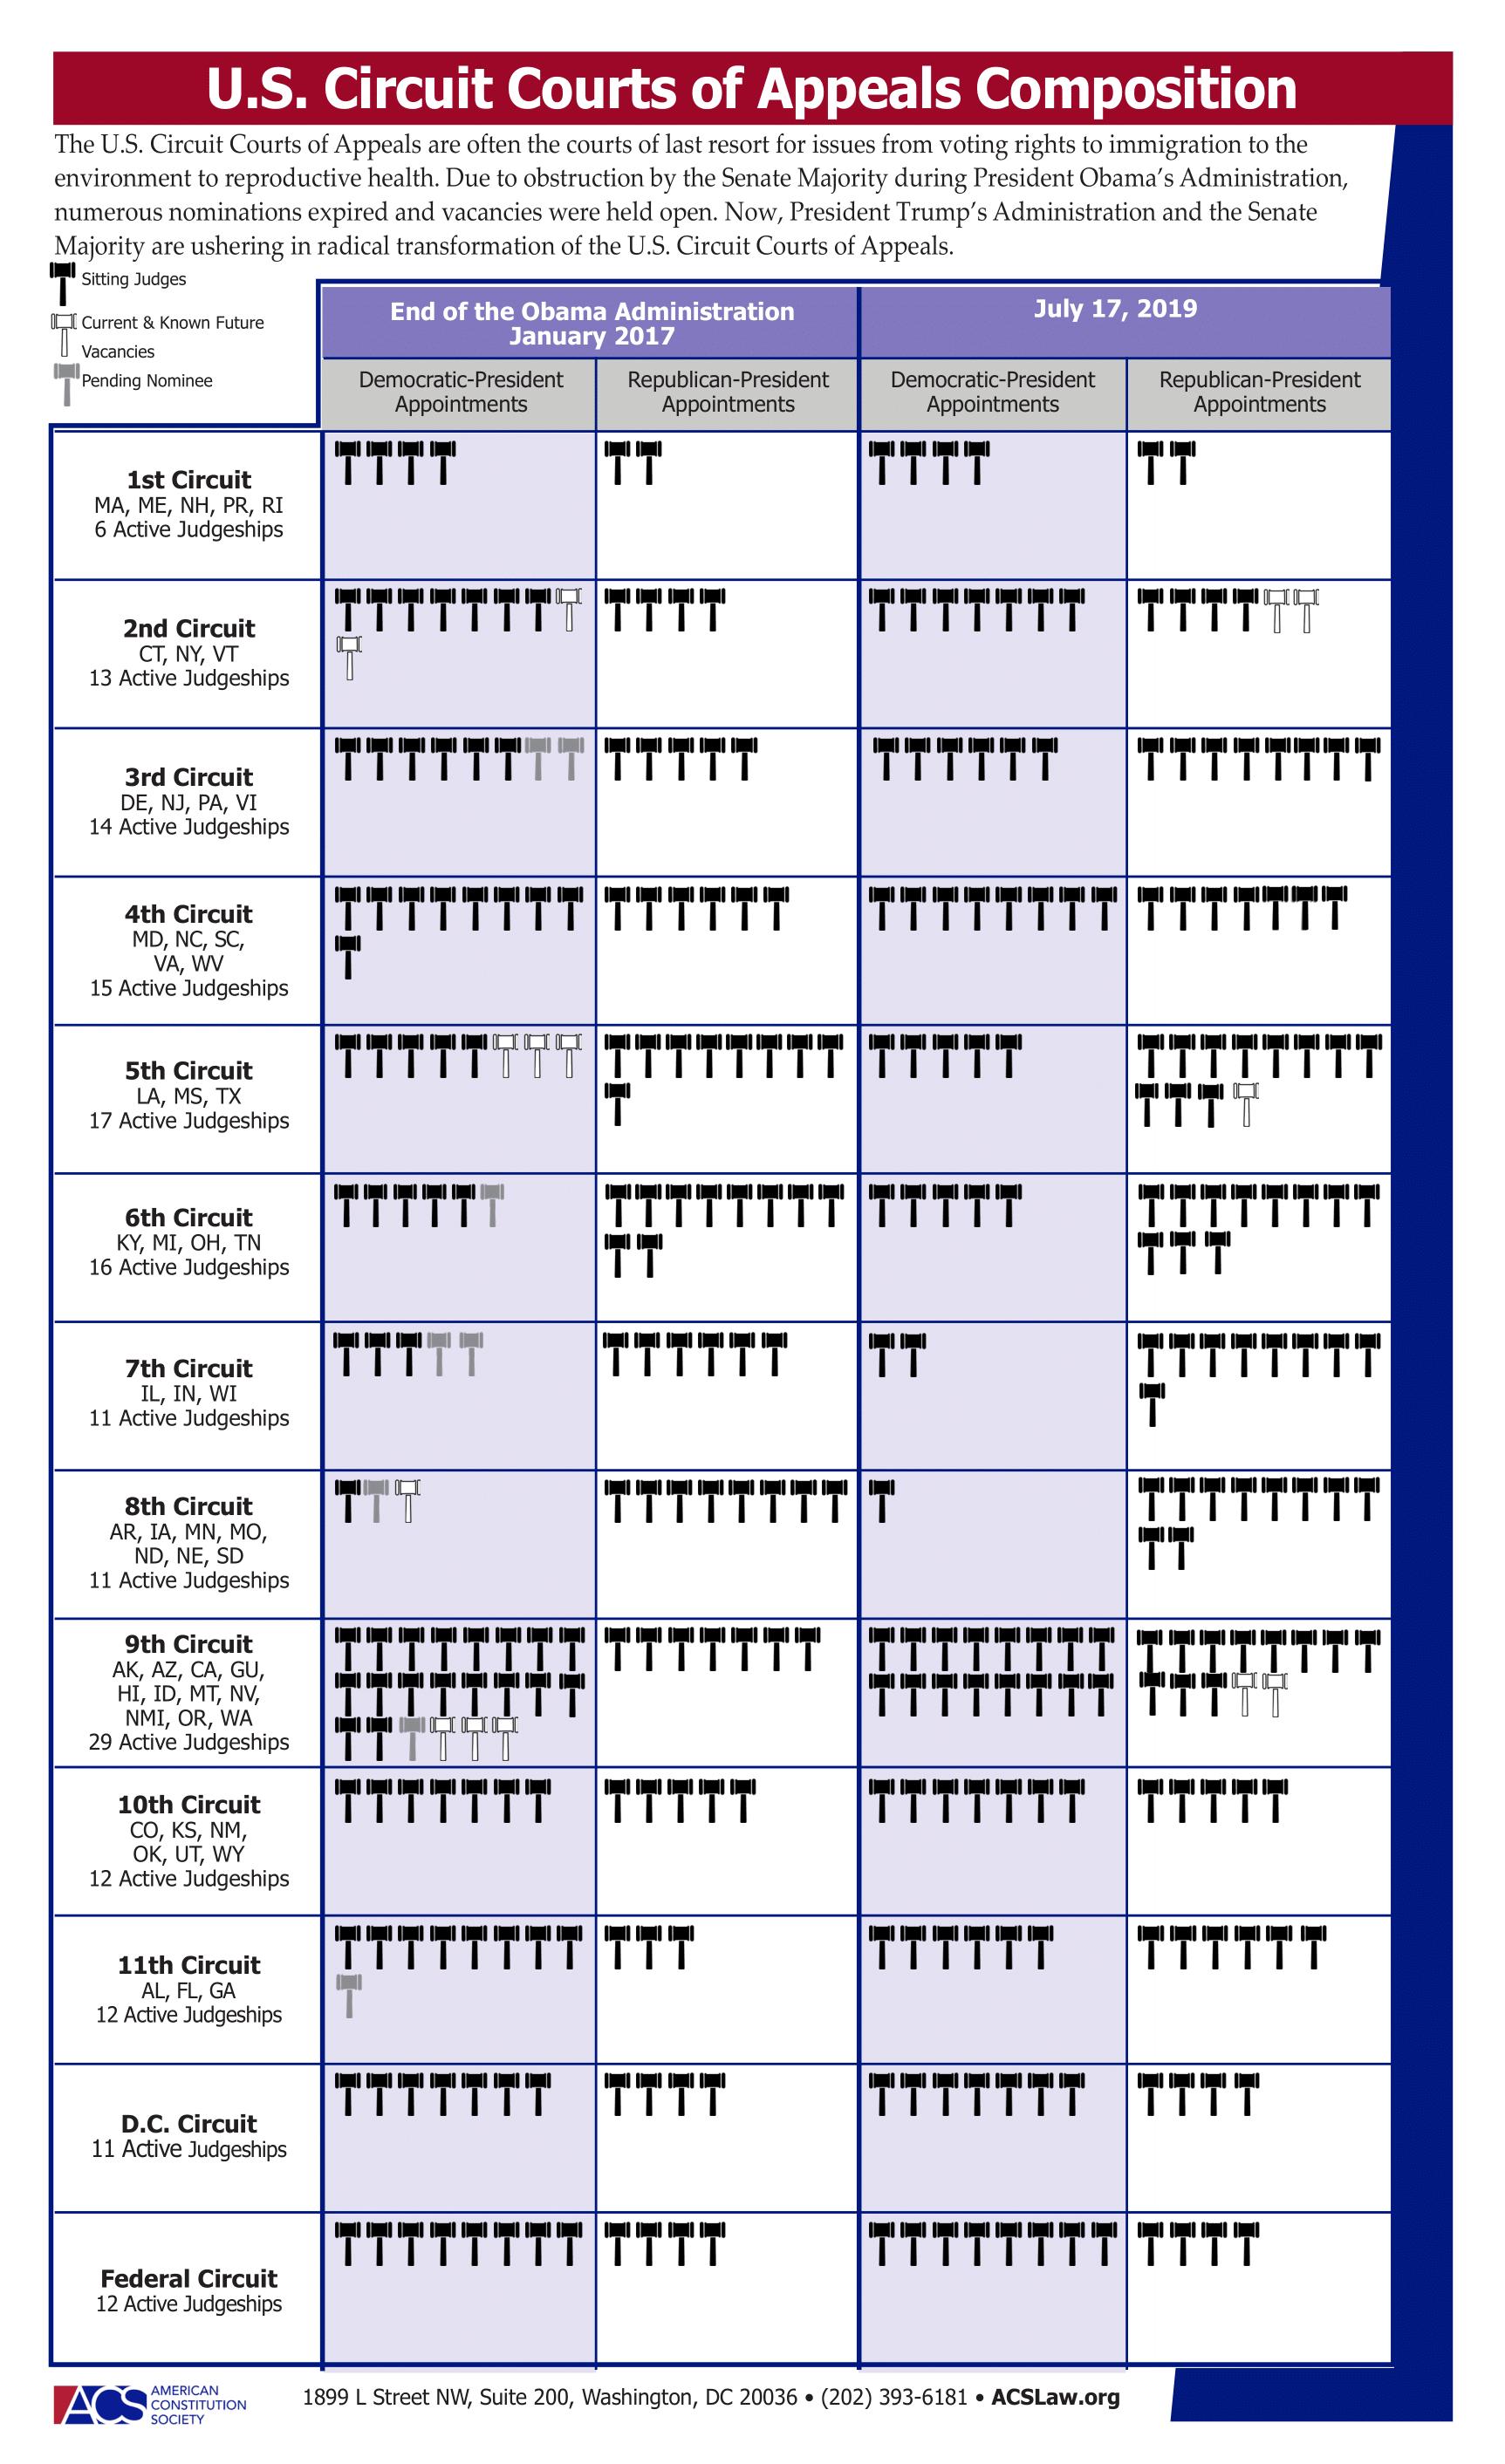 20190717 U.S. Circuit Court Composition PDF